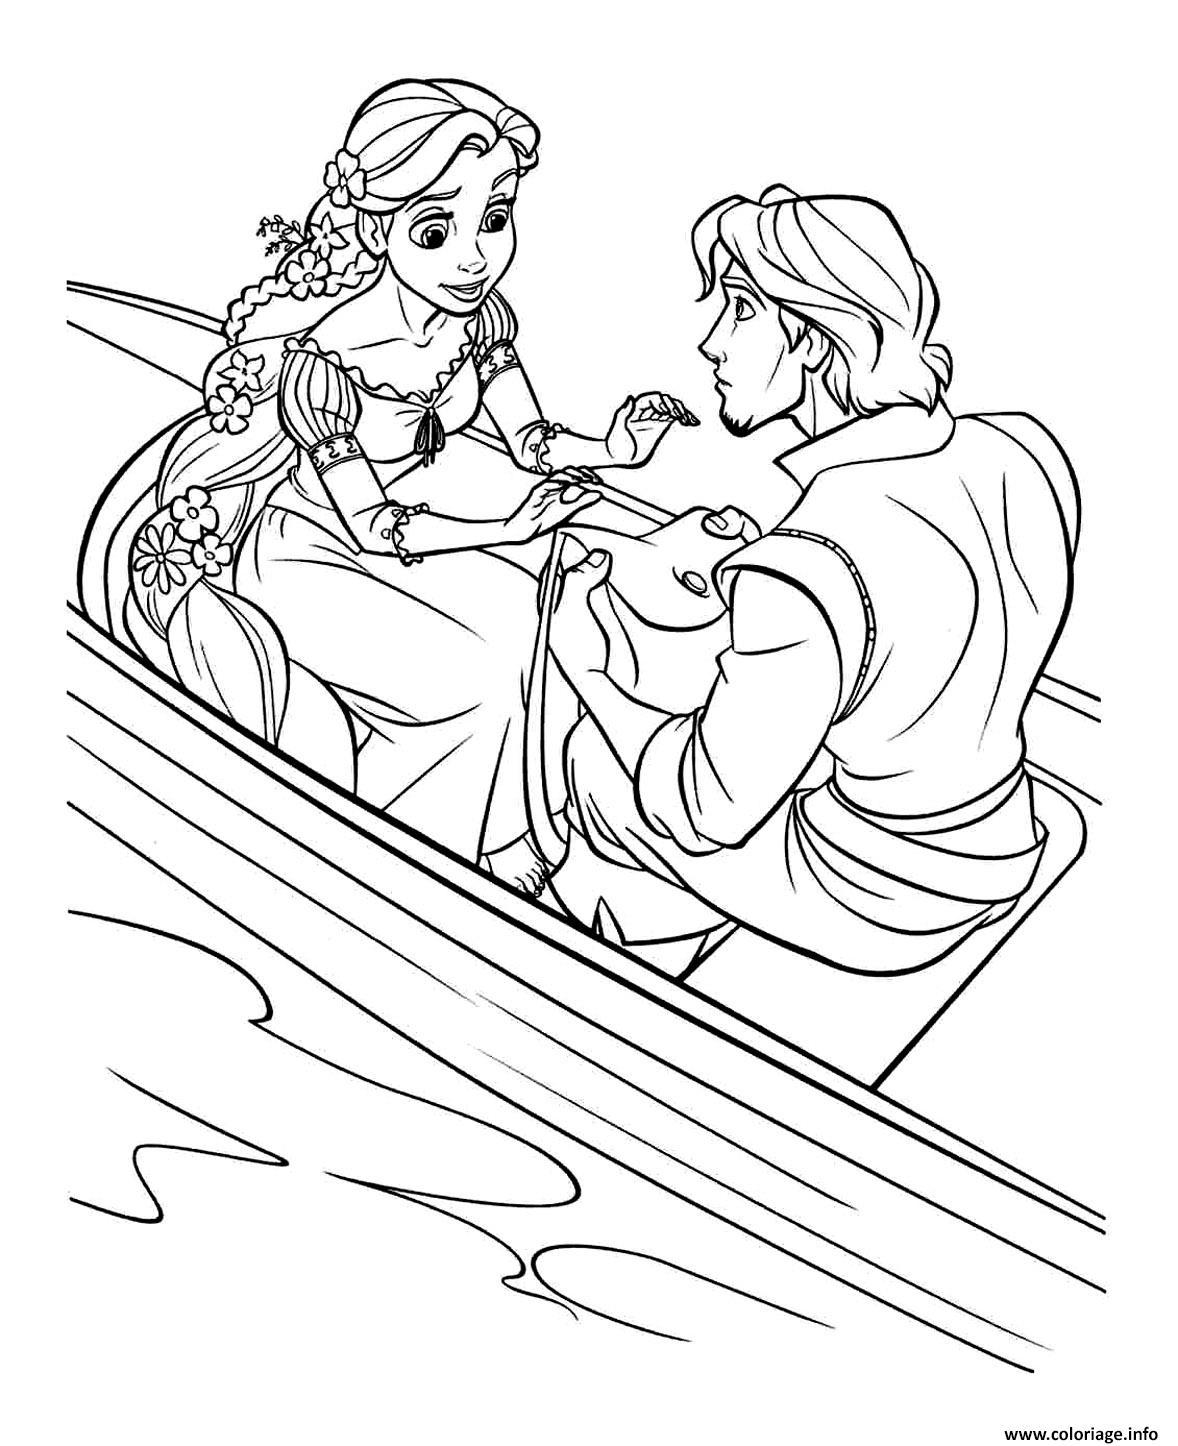 Coloriage son prince flynn lui offre un sac a main - Princesse raiponce a colorier ...